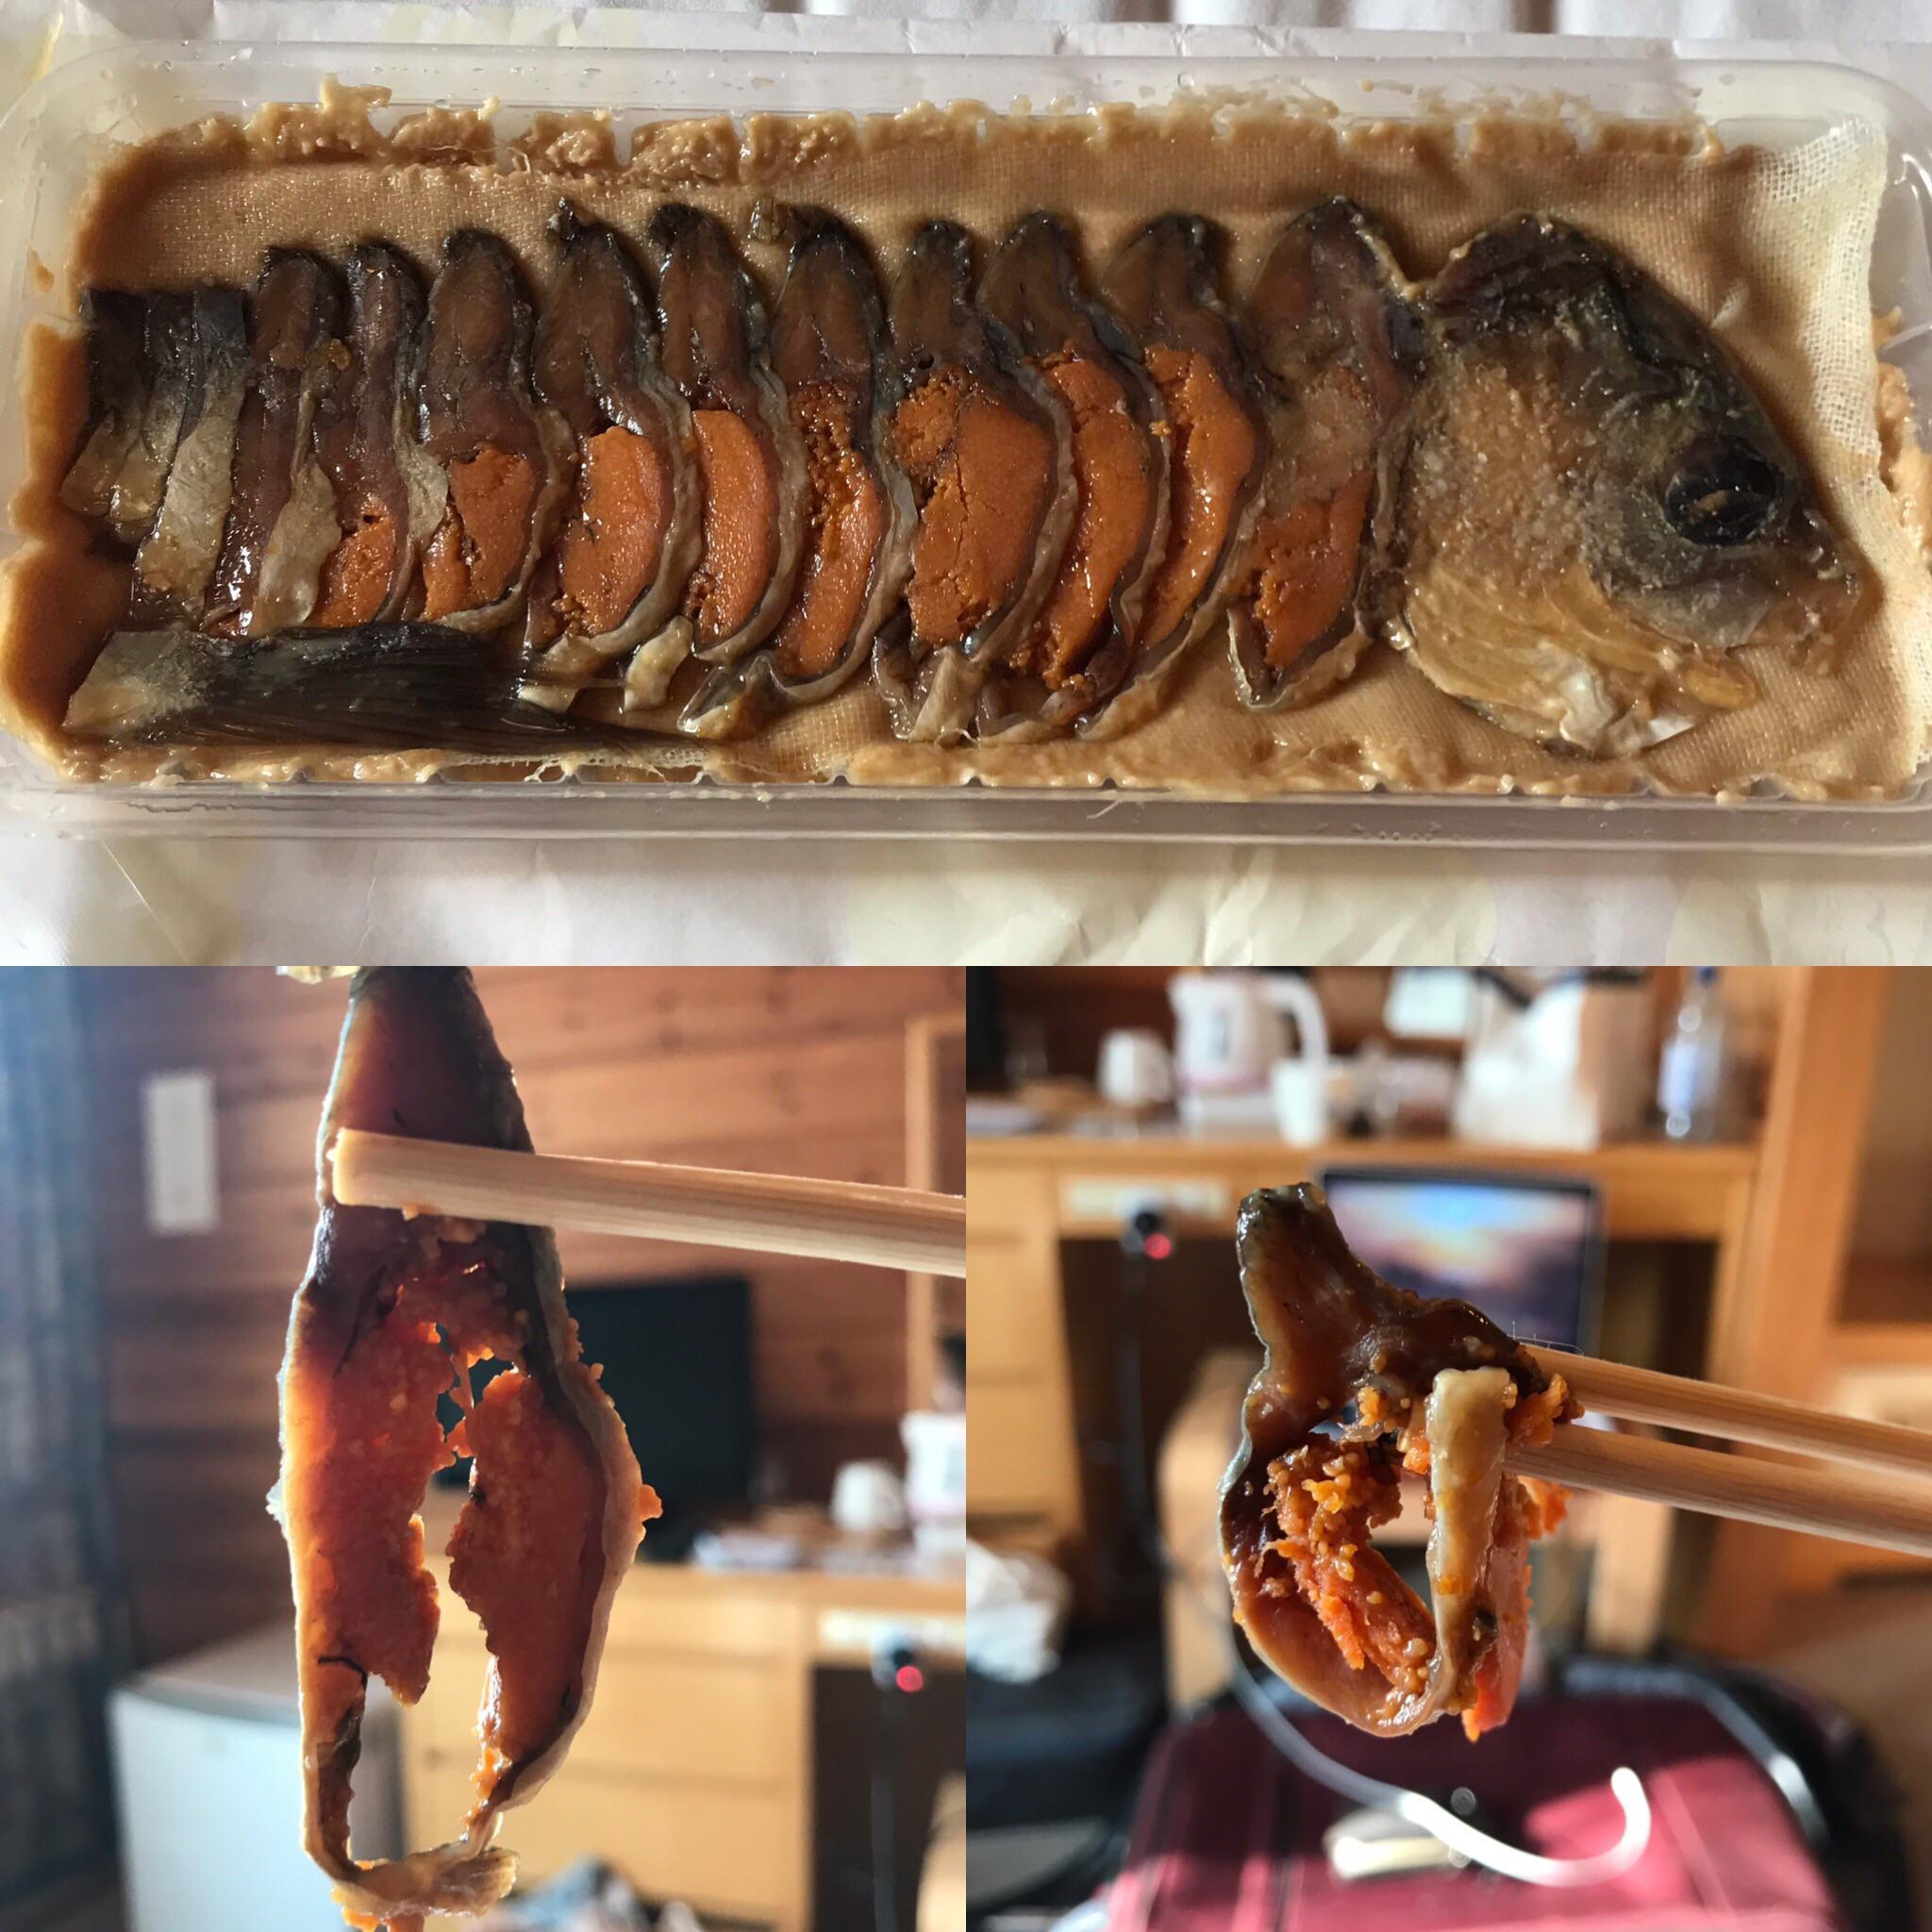 Món cá thum thủm muốn ăn phải chờ vài năm, nhà giàu có tiền cũng khó mua - 5